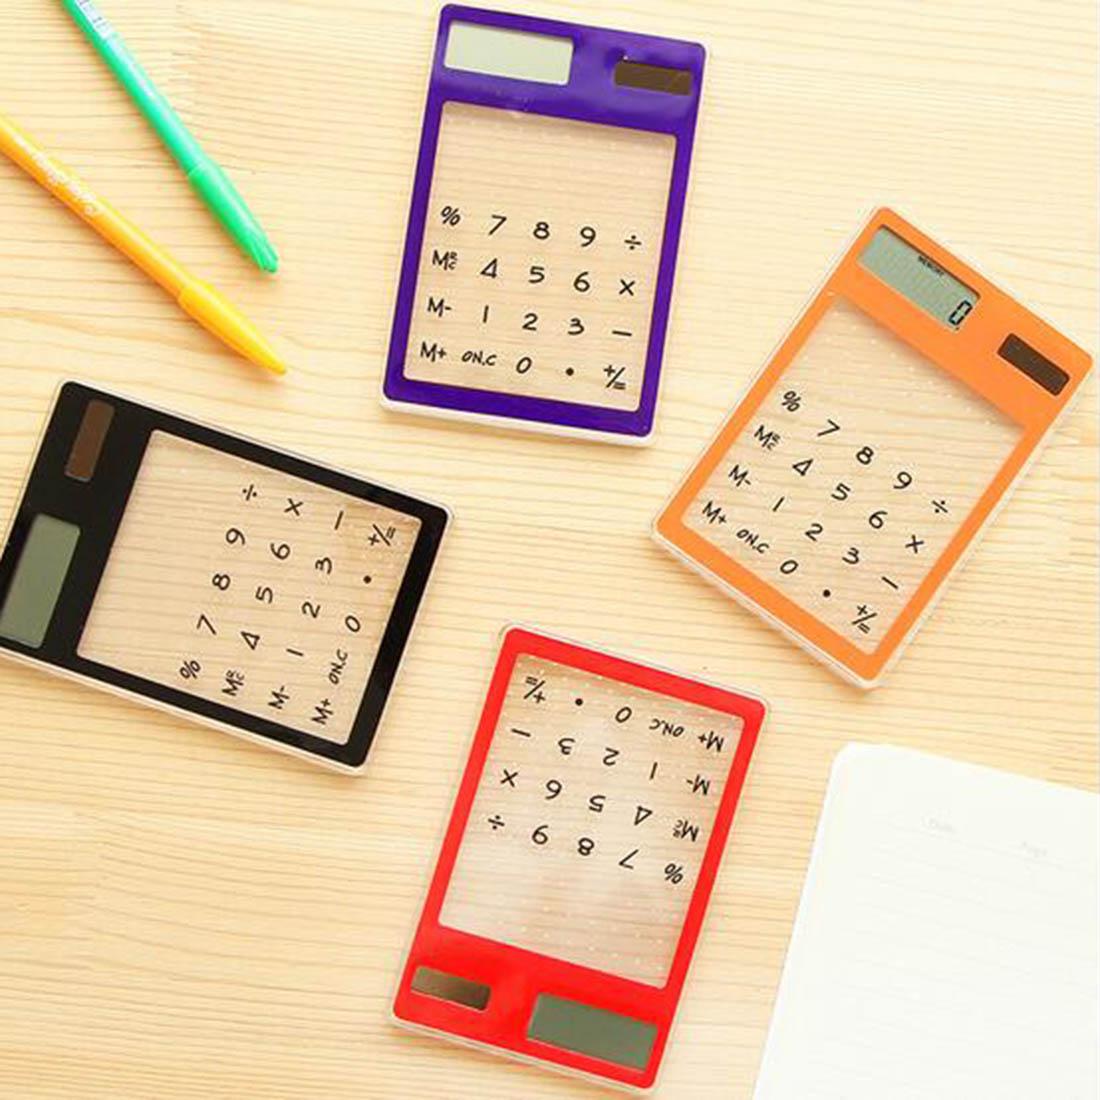 Творческий канцелярские конфеты солнечной энергии сенсорный ясно научный калькулятор школьные офис экзамен поставки подарок на день рожд...